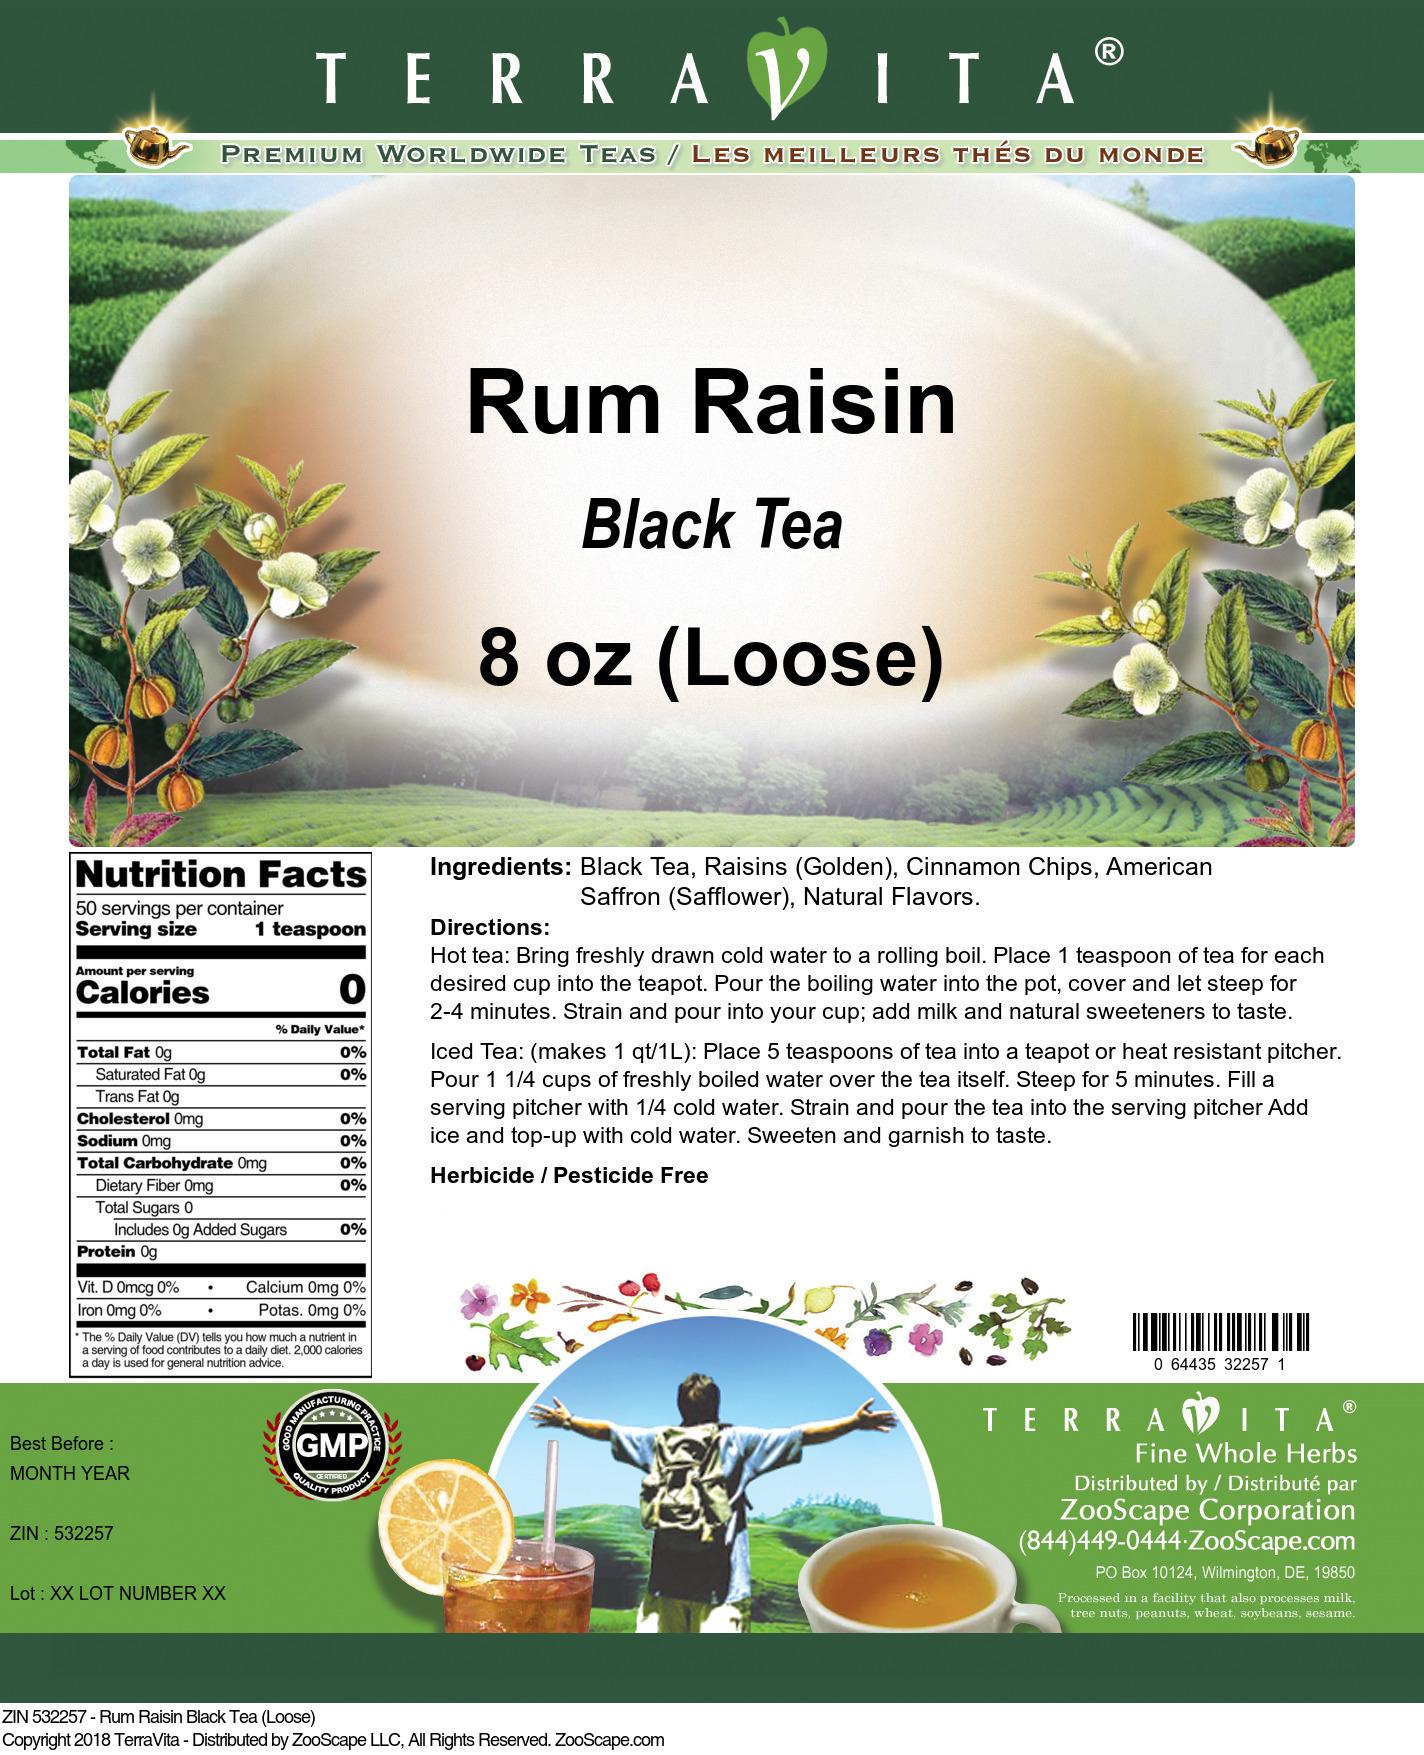 Rum Raisin Black Tea (Loose)